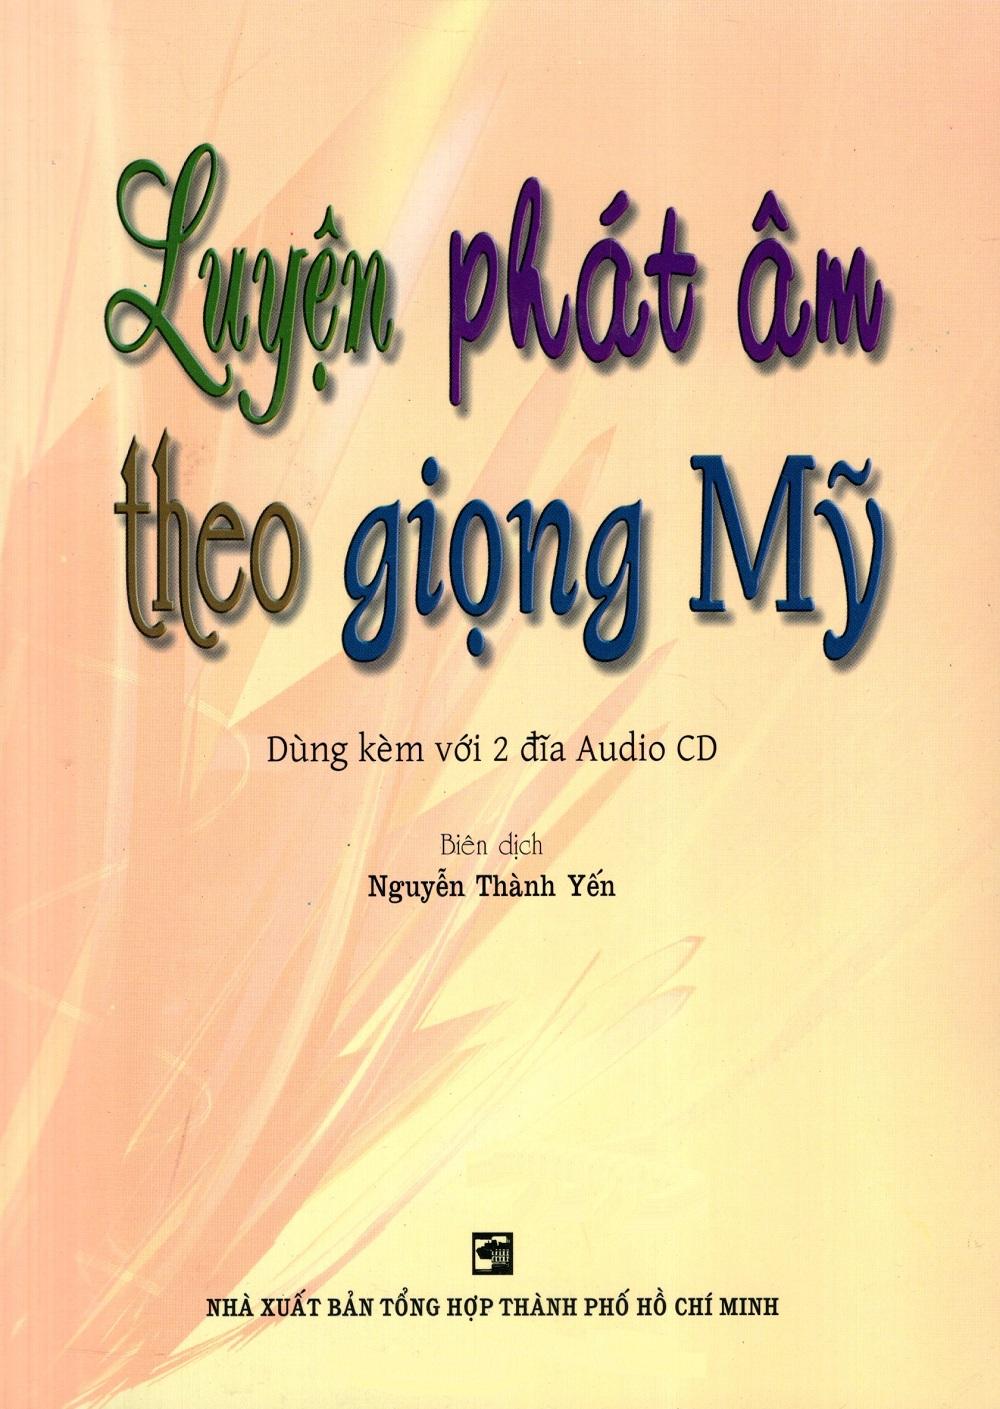 Luyện Phát Âm Theo Giọng Mỹ - Kèm 2 CD - 3109148333432,62_256502,88000,tiki.vn,Luyen-Phat-Am-Theo-Giong-My-Kem-2-CD-62_256502,Luyện Phát Âm Theo Giọng Mỹ - Kèm 2 CD